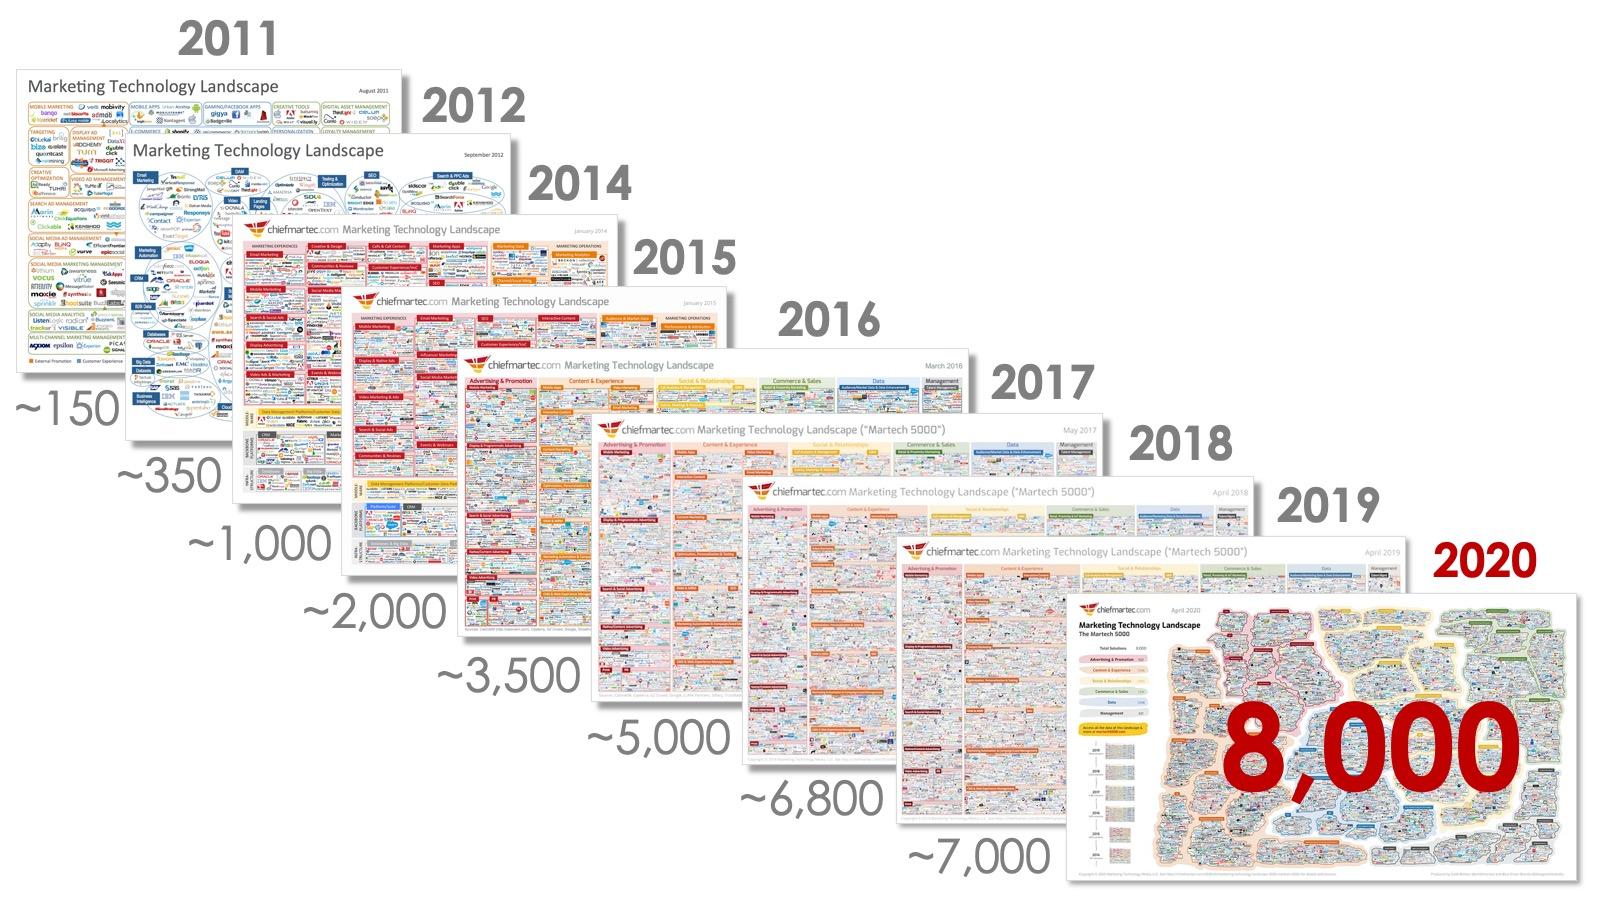 Martech Landscape 2011-2020